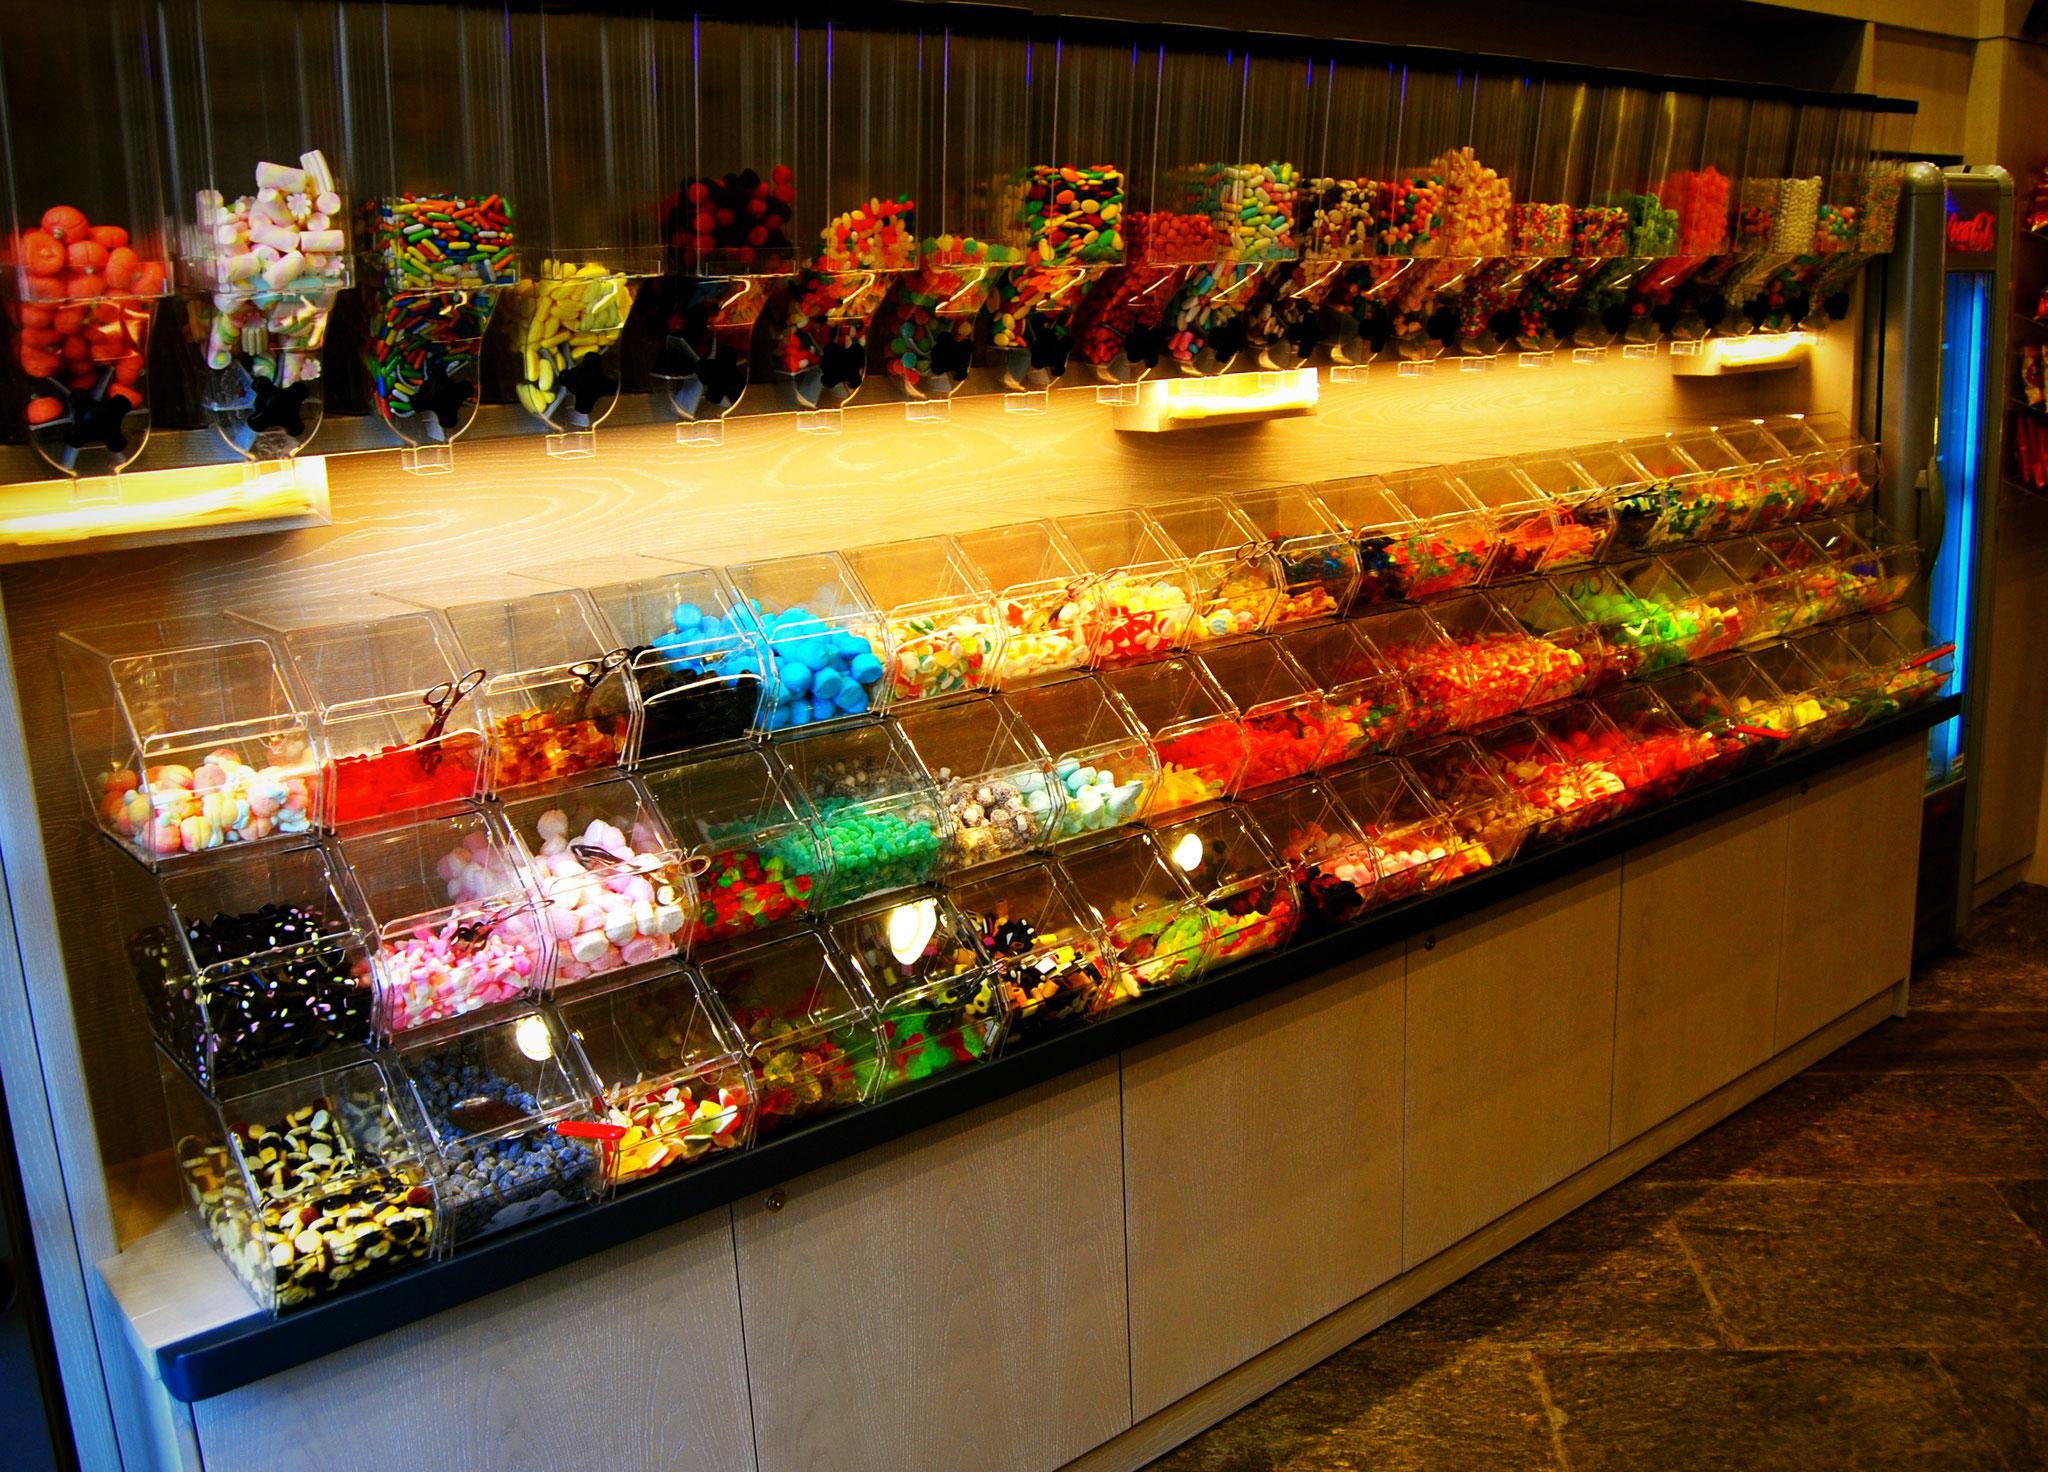 arredamenti per bar - arredamenti per tabaccherie a milano, como ... - Arredamento Moderno Tabaccheria